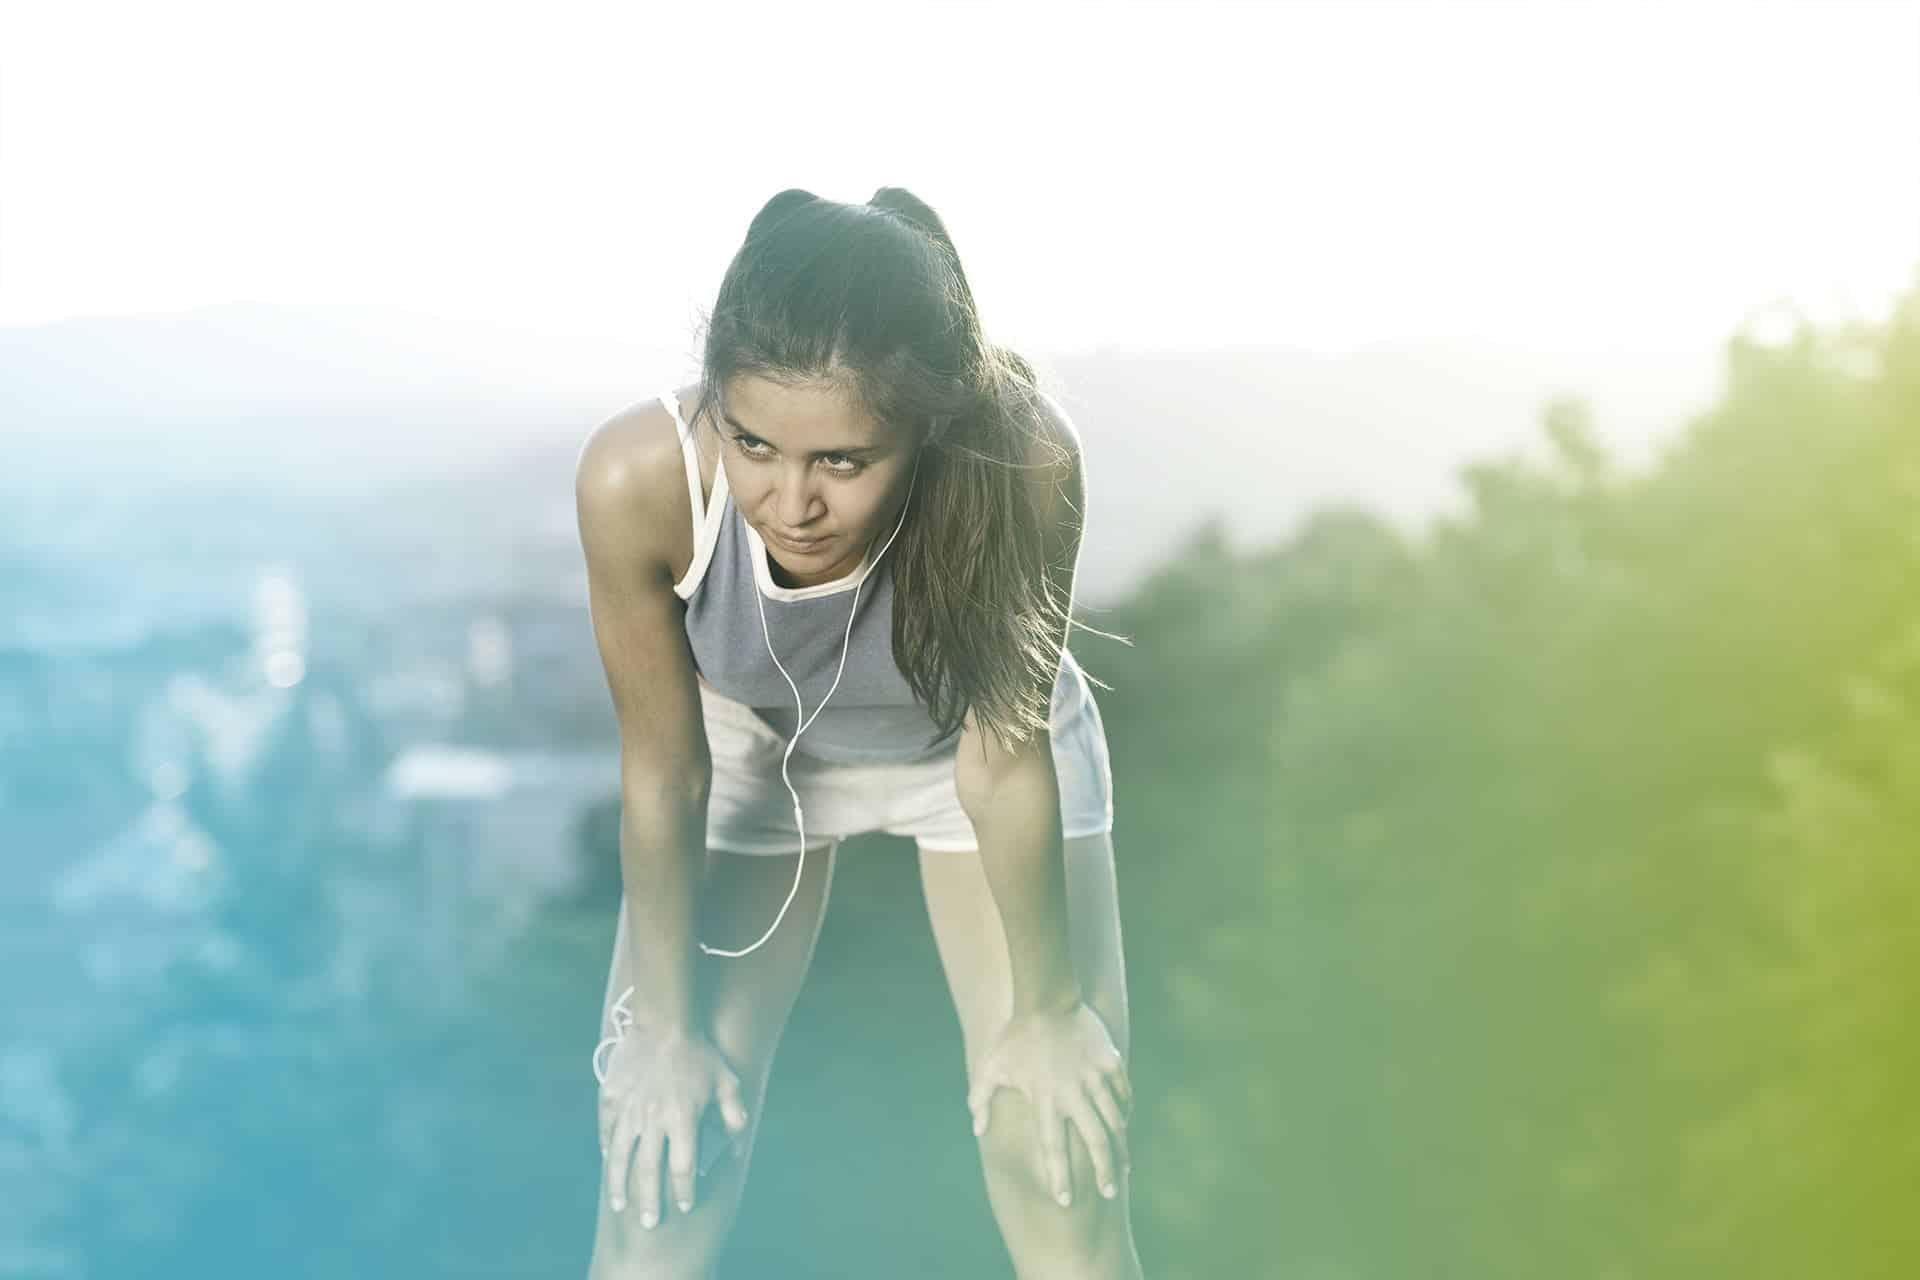 Frau Jogging Outdoor unzufrieden ausgepowert